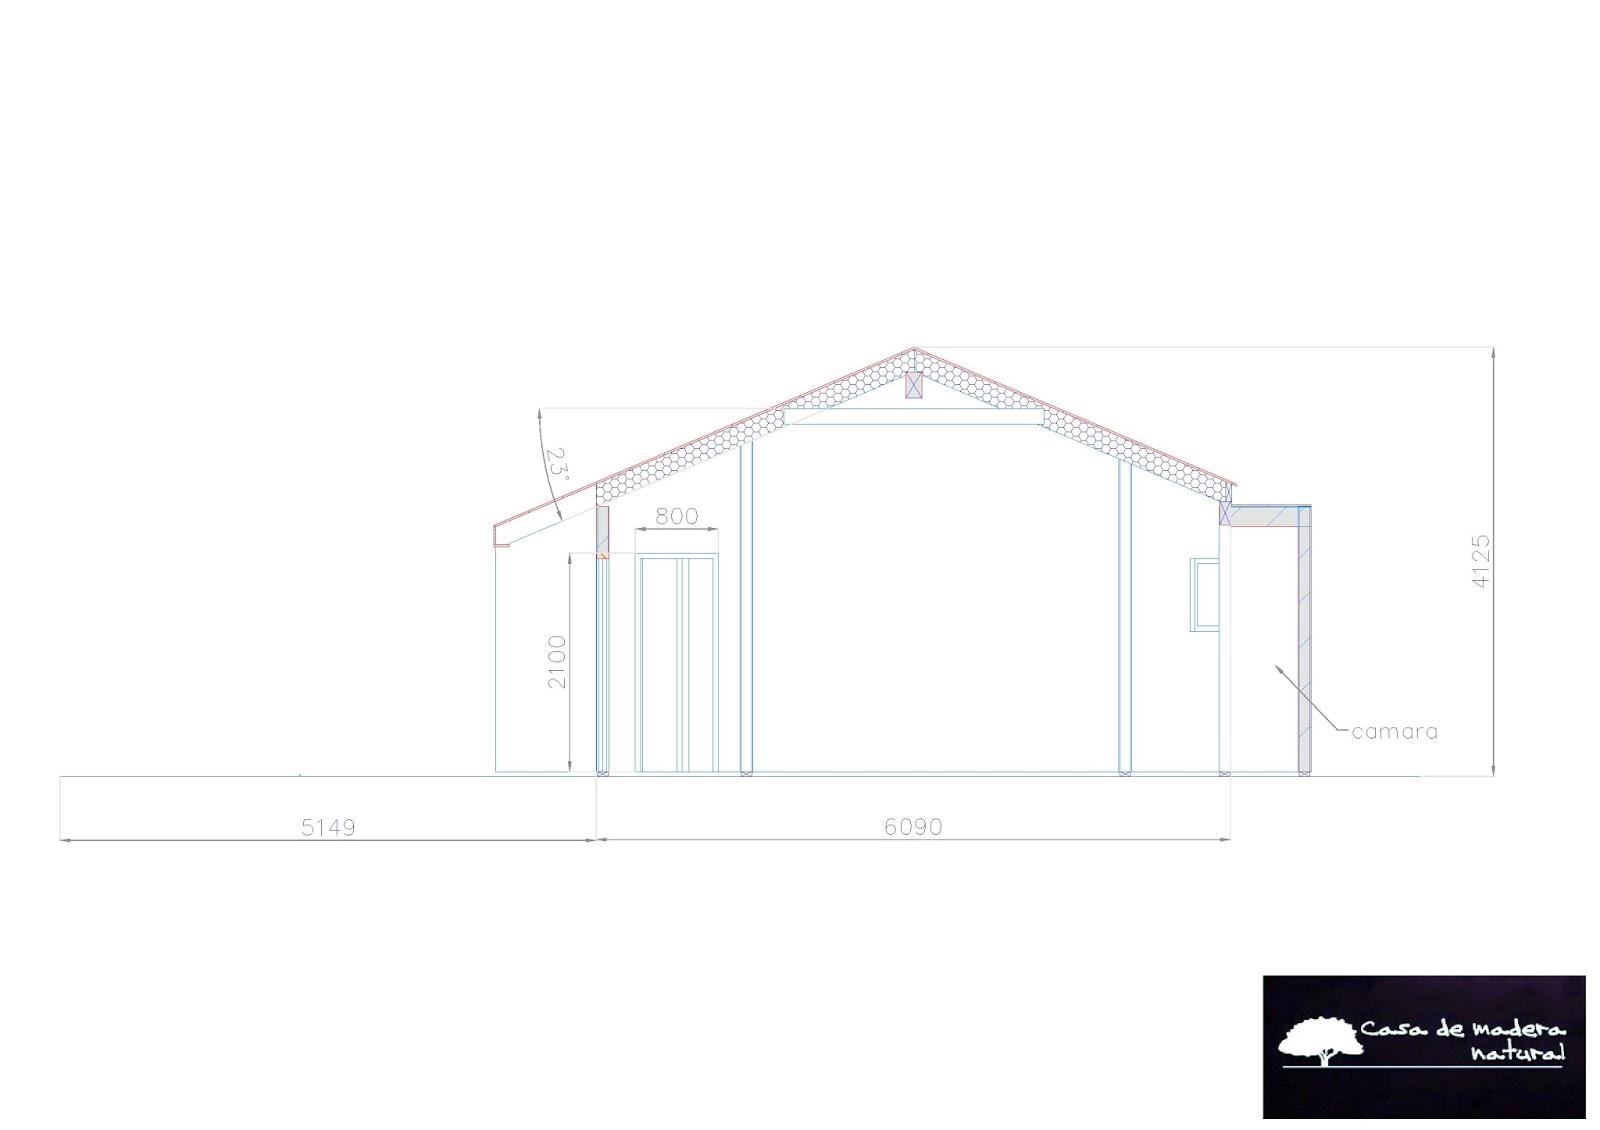 Casas de madera natural marzo 2016 - Casas de madera natural ...